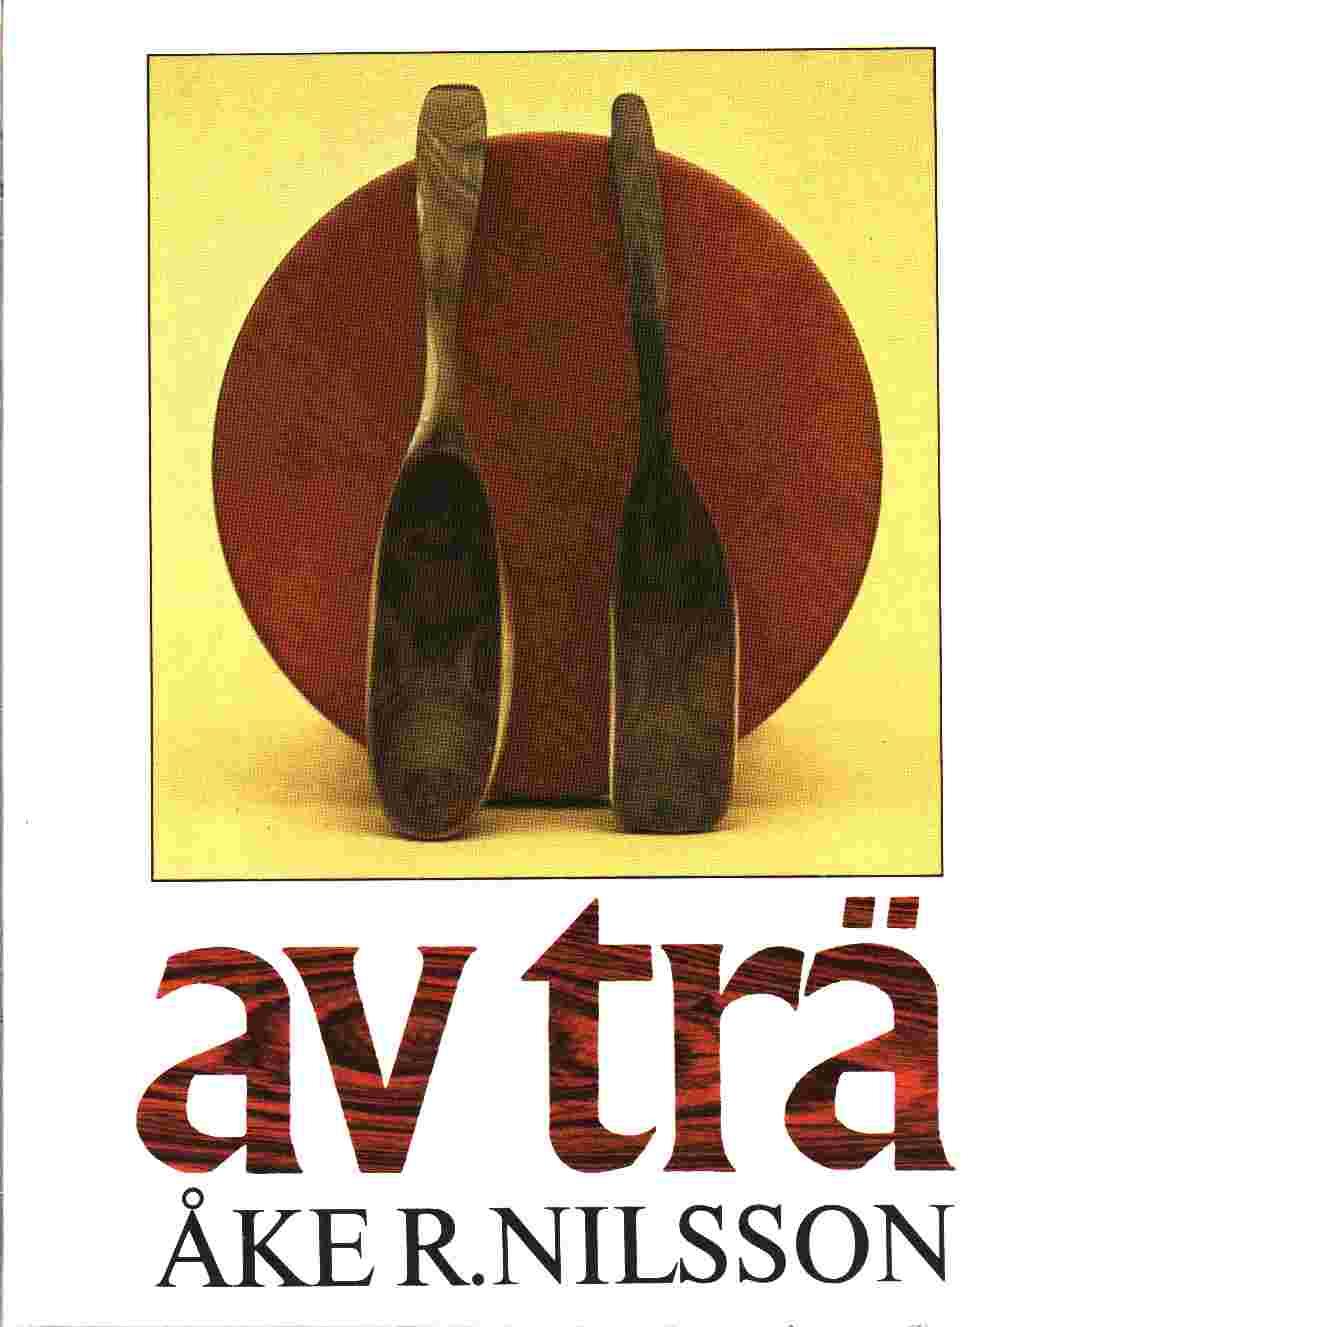 Av trä - Nilsson, Åke R.